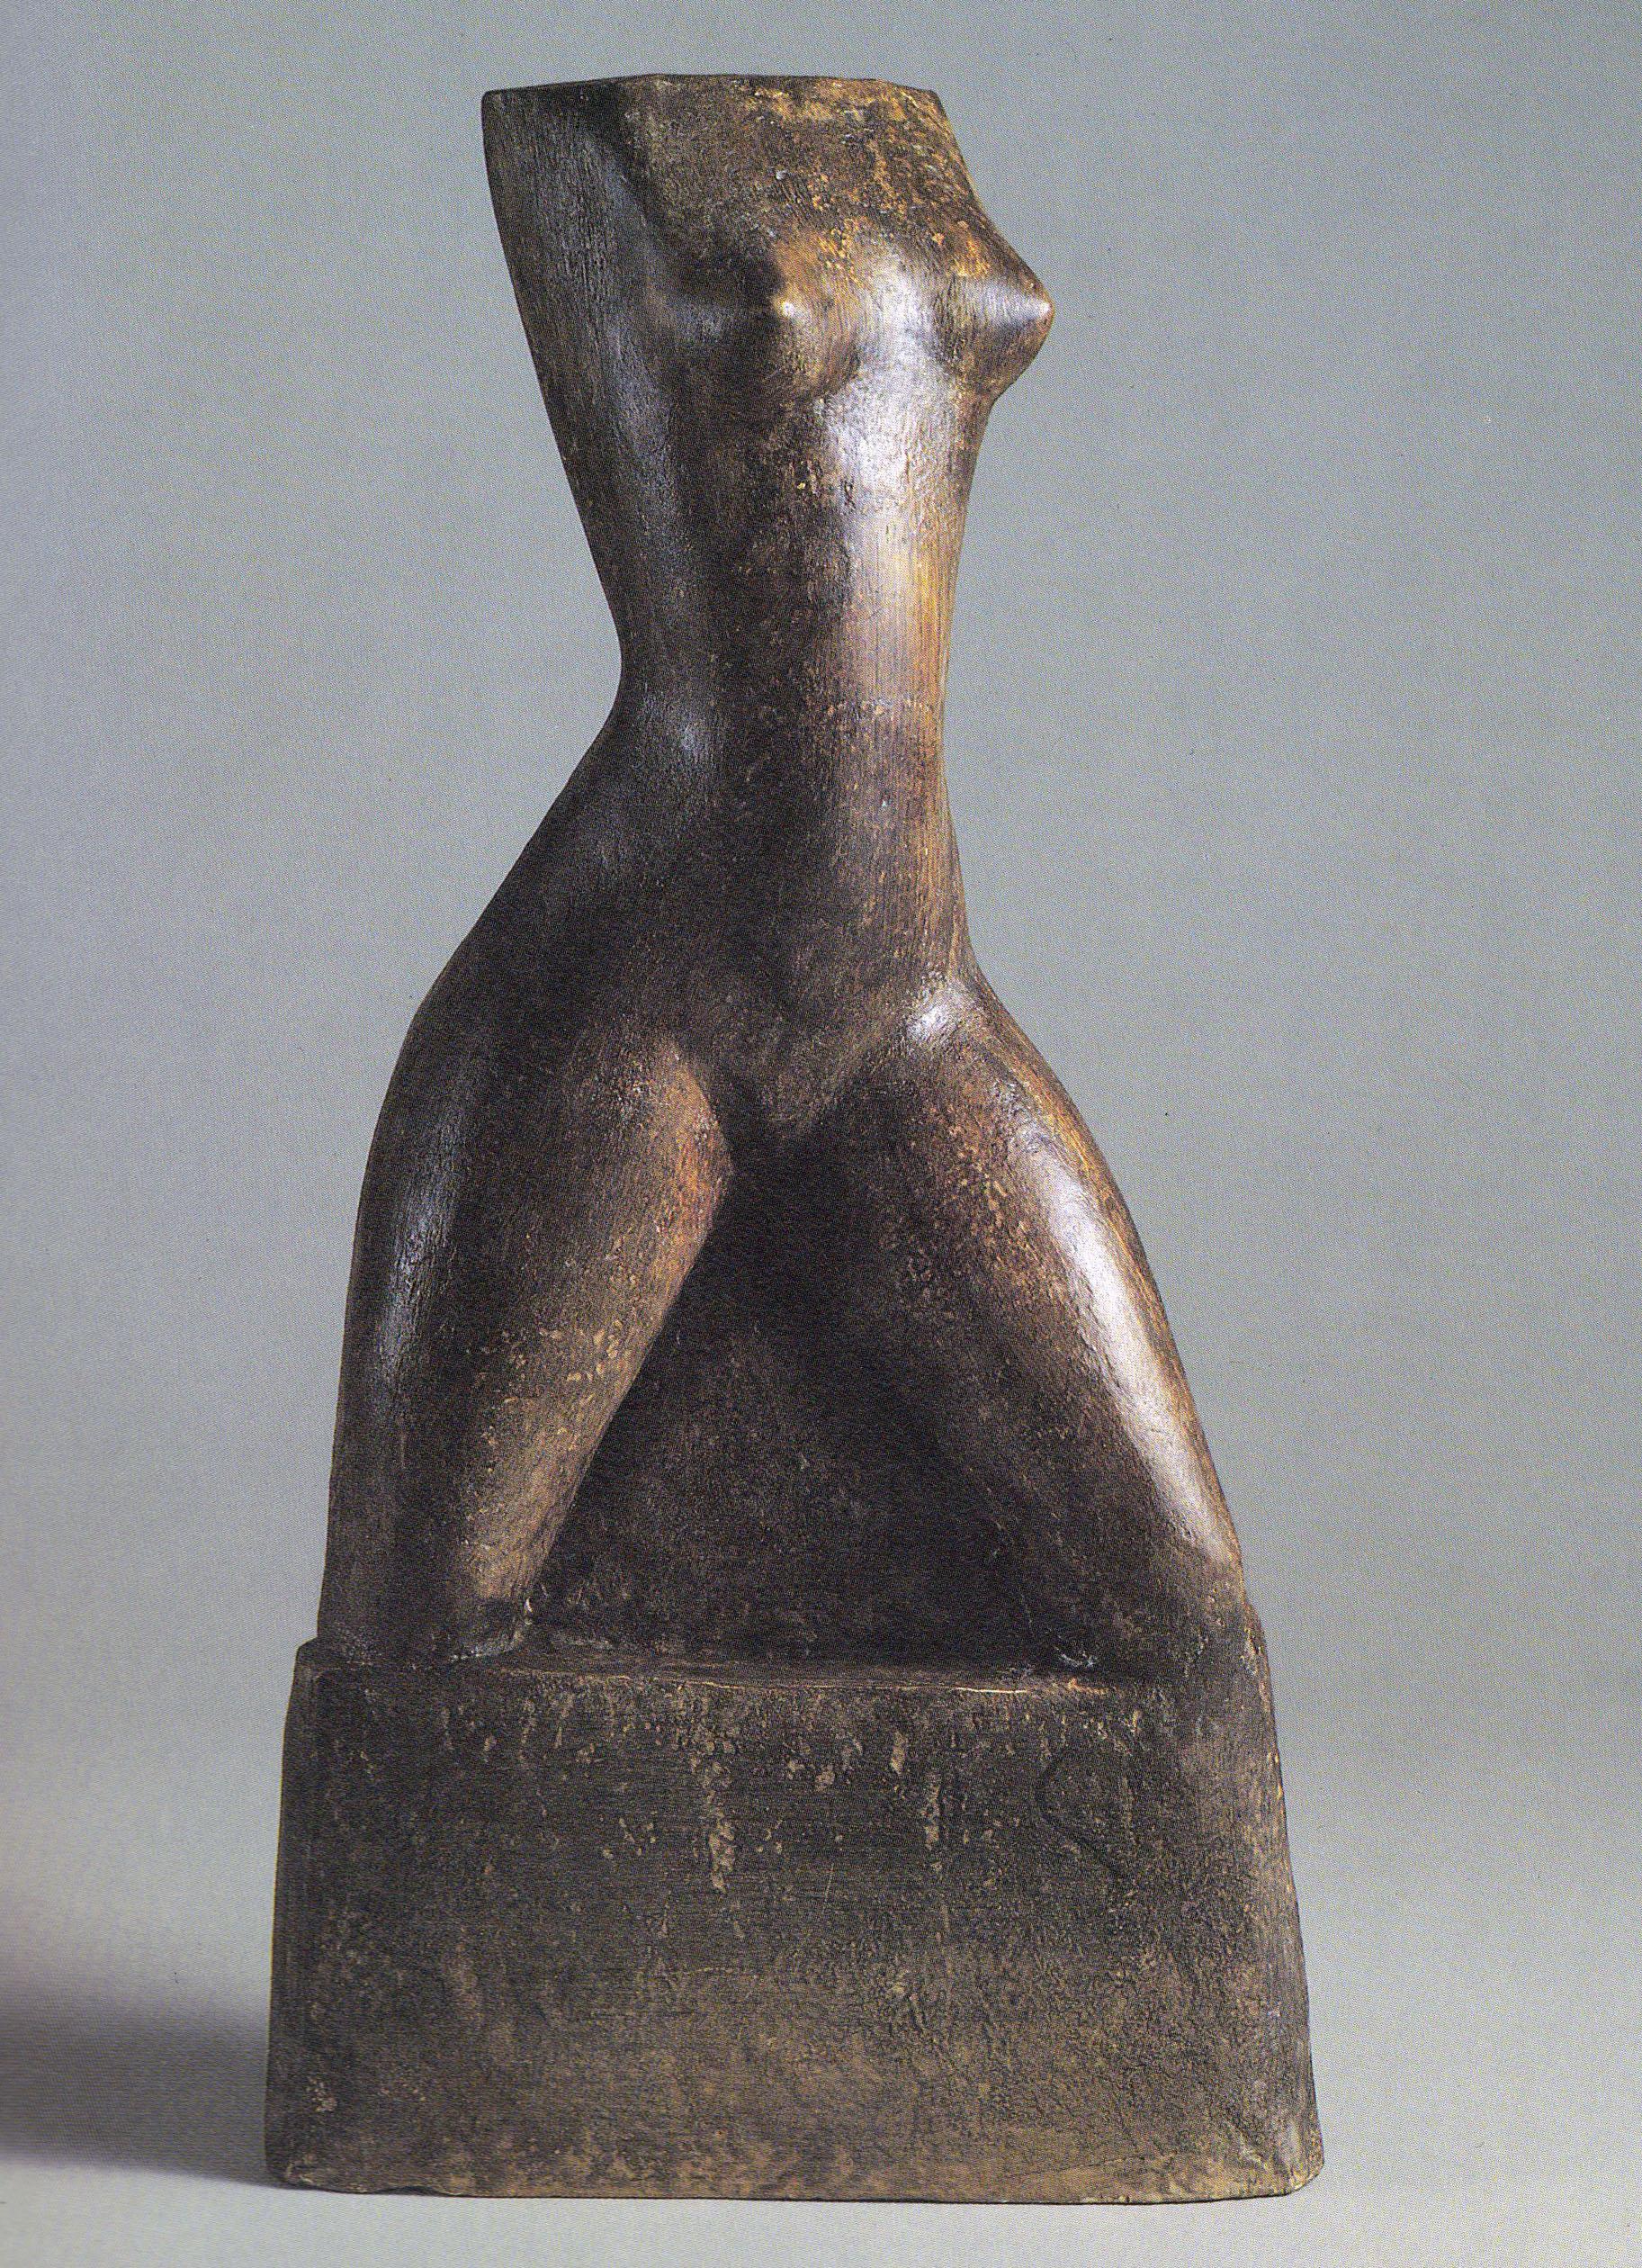 Torse 1934 - Plâtre modelé lissé, teinté, 48x20x10cm, Coll. part.